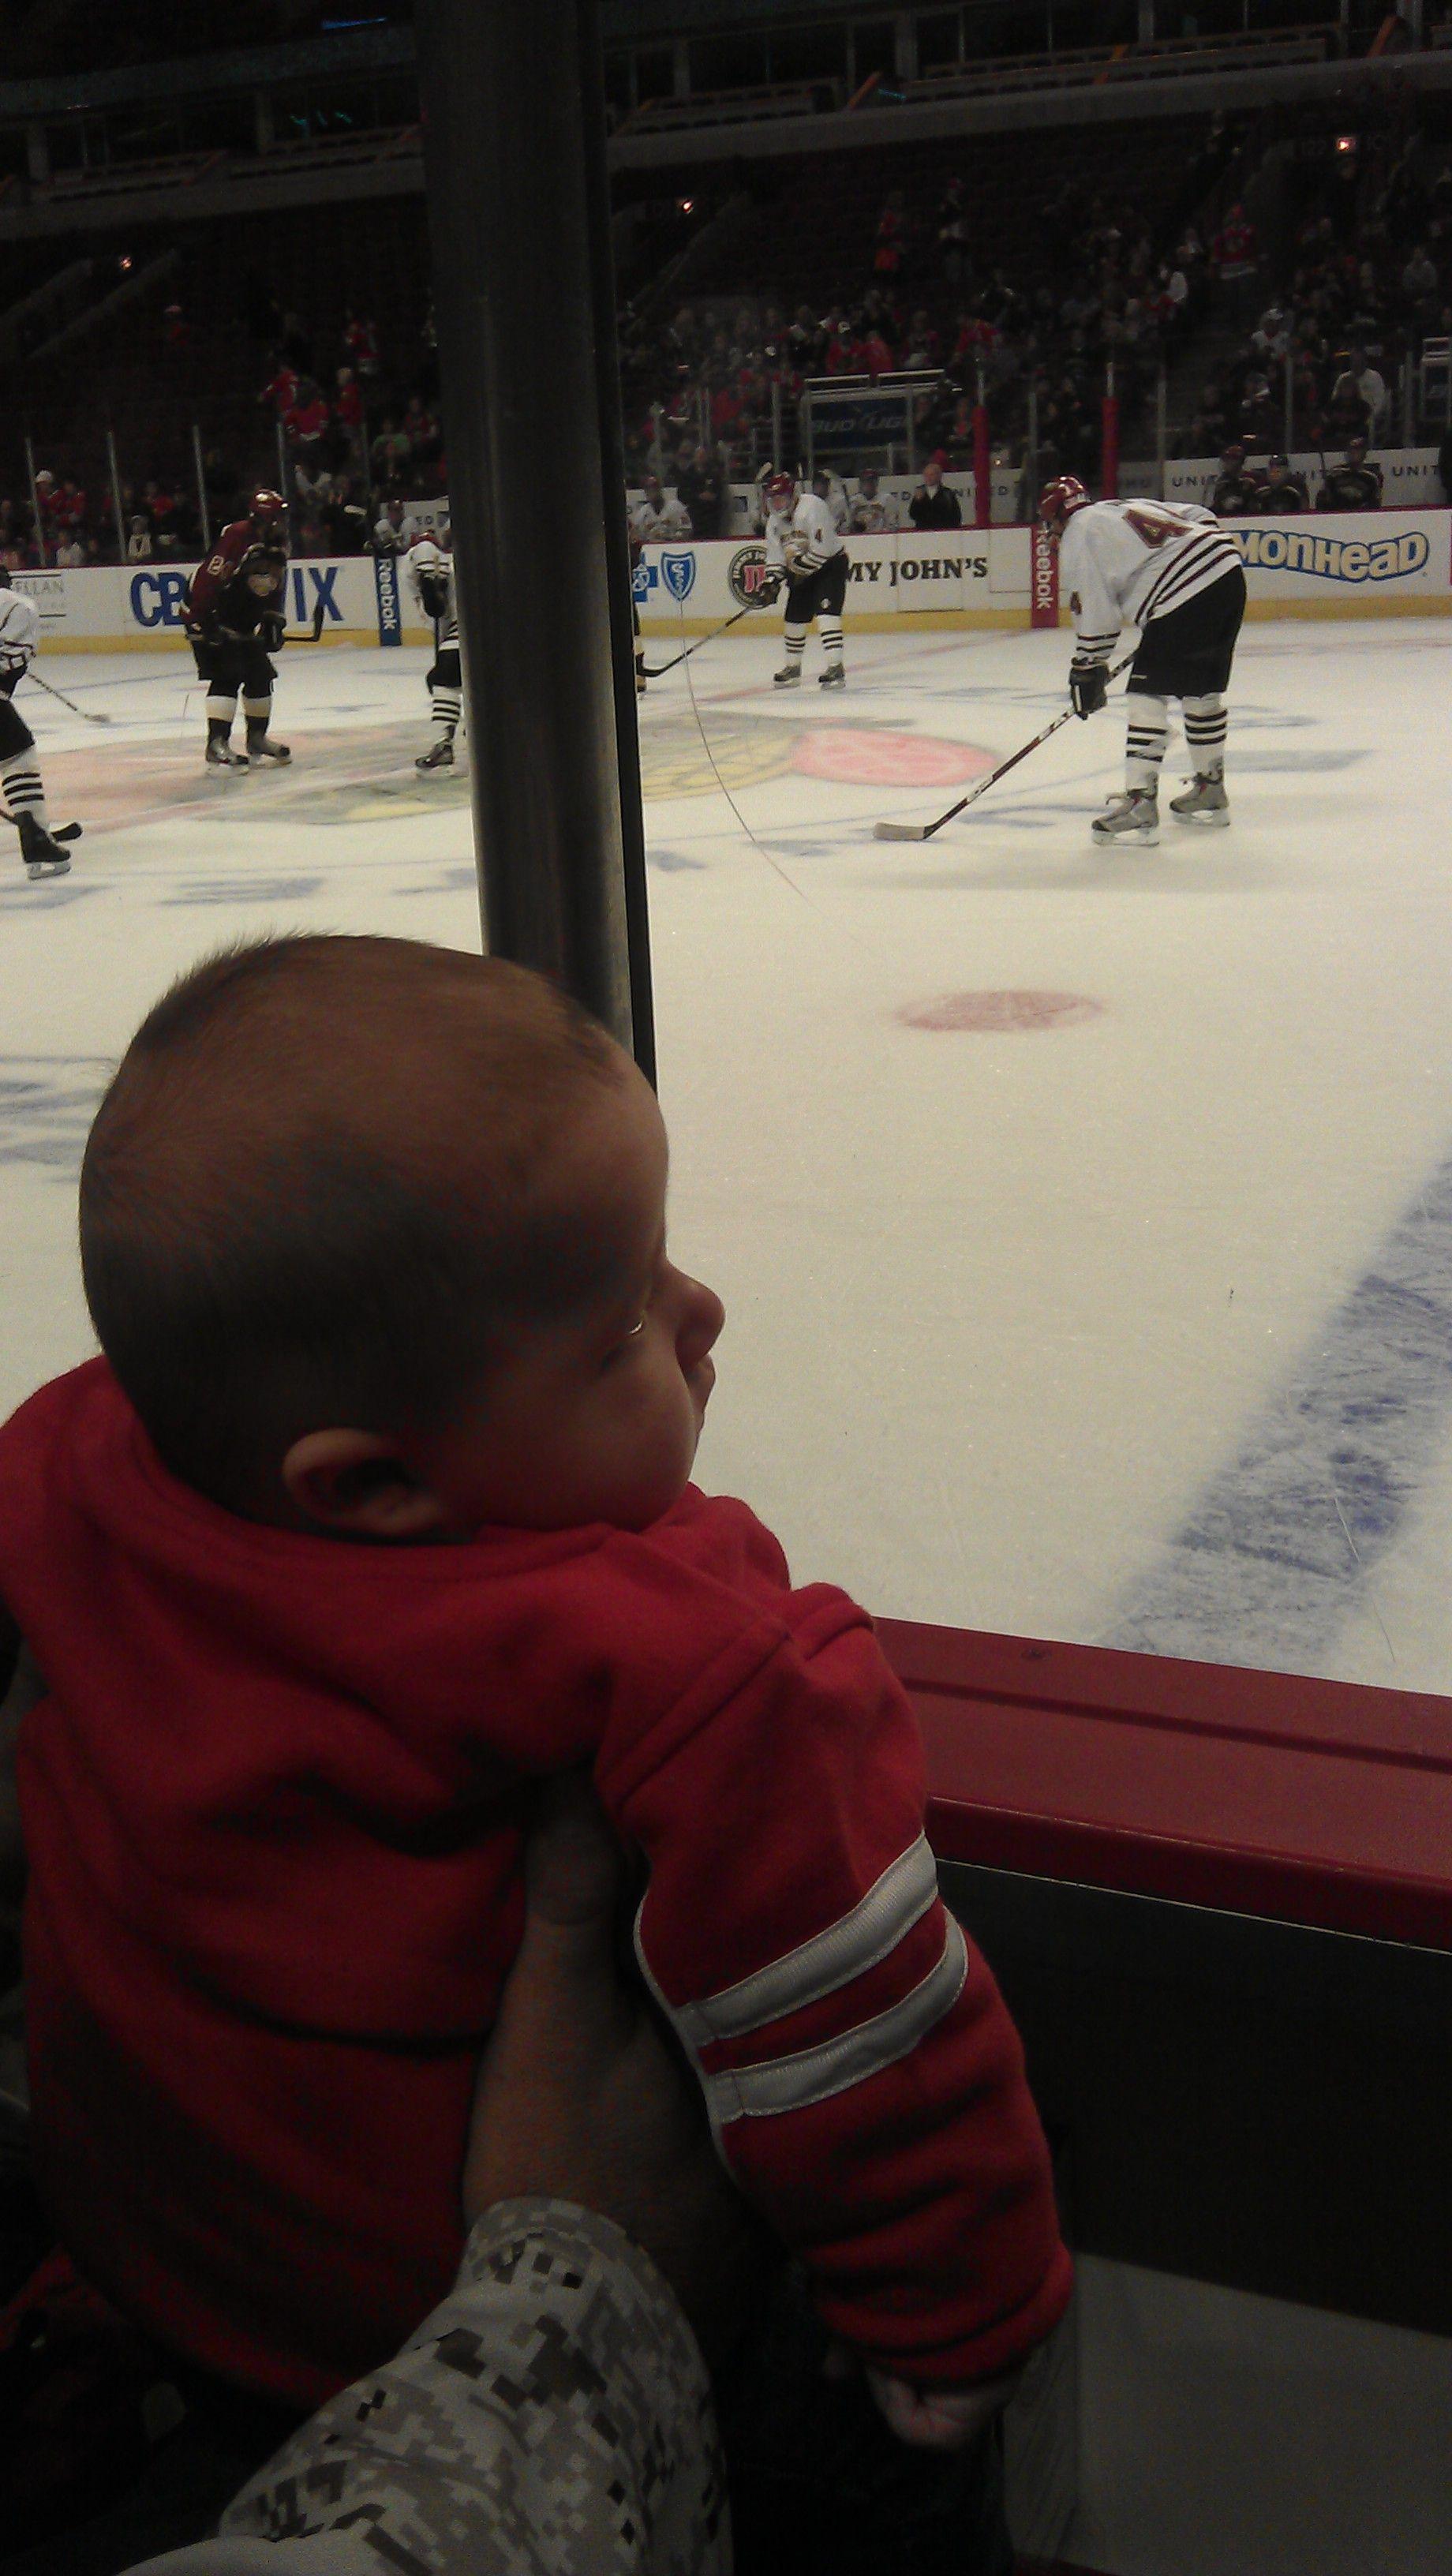 My adorable nephew enjoying the 2011 Training camp  #Blackhawks